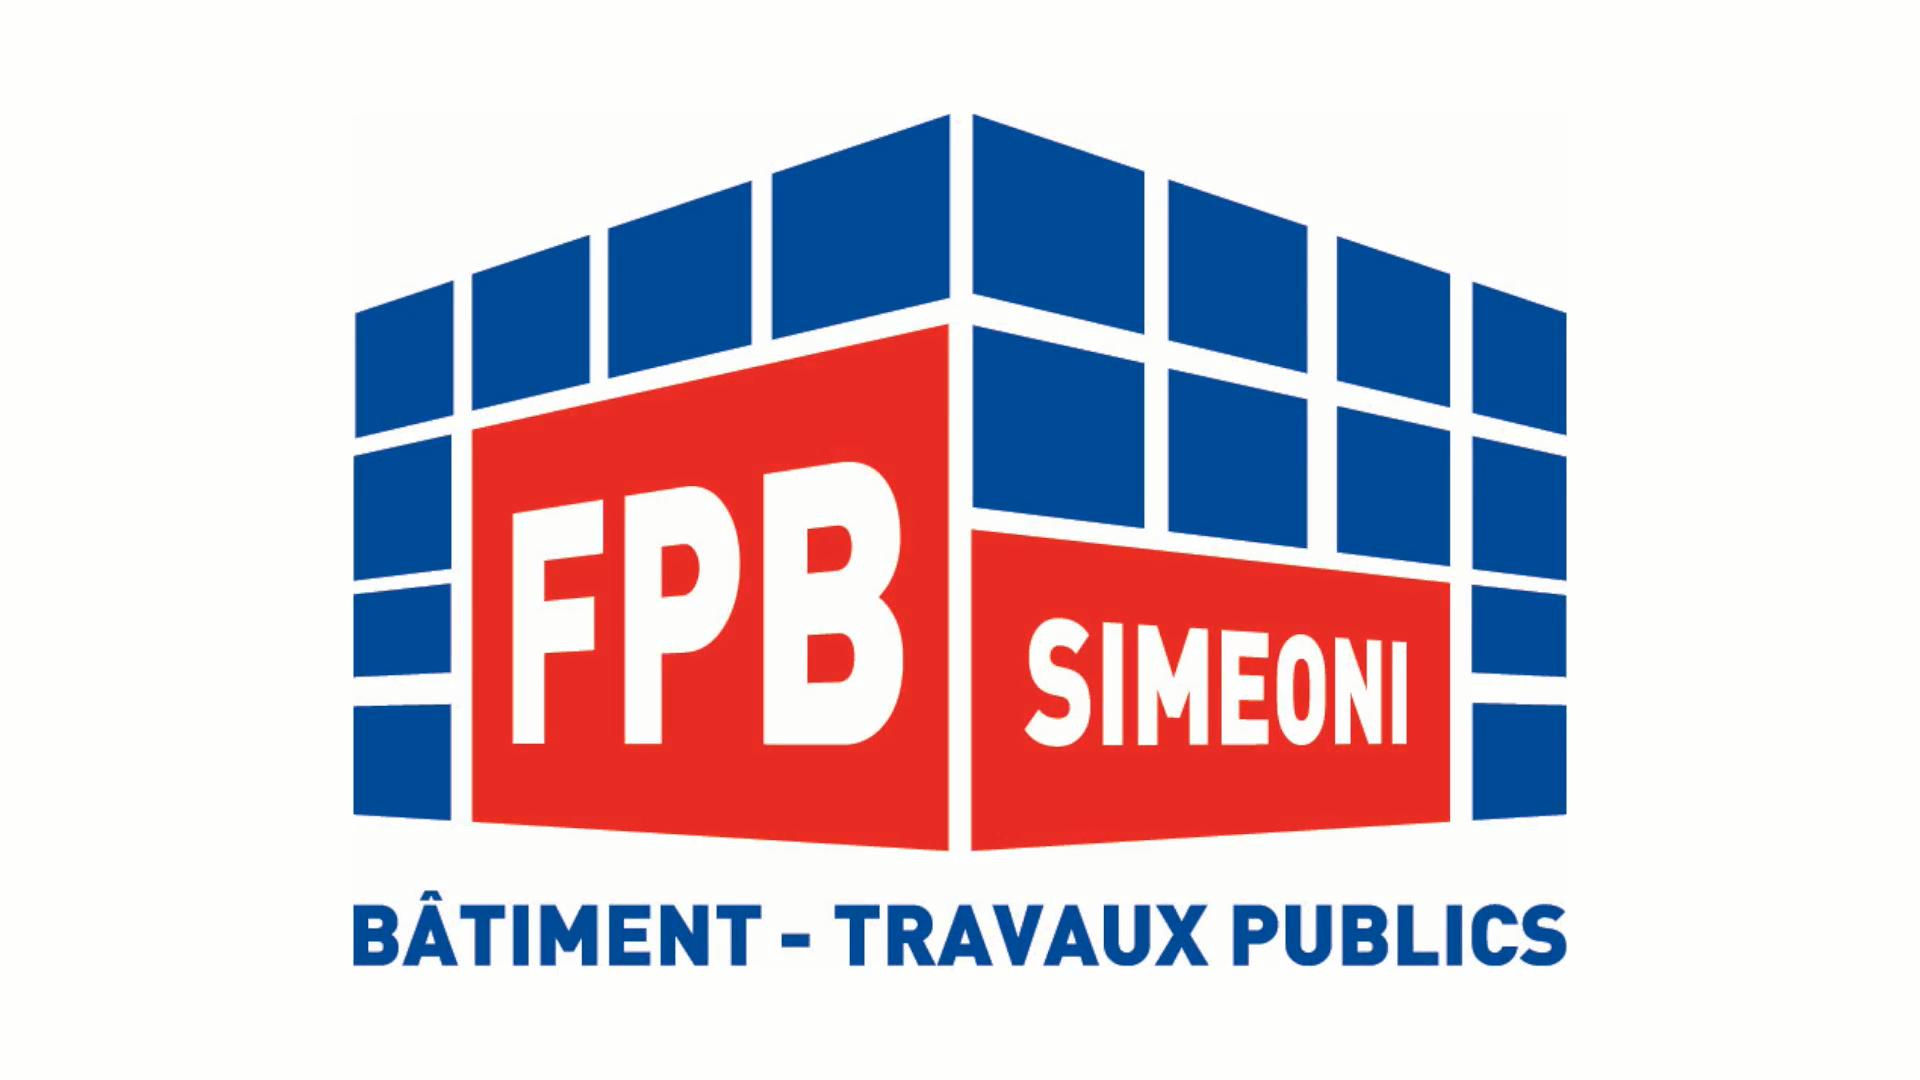 FBP SIMEONI